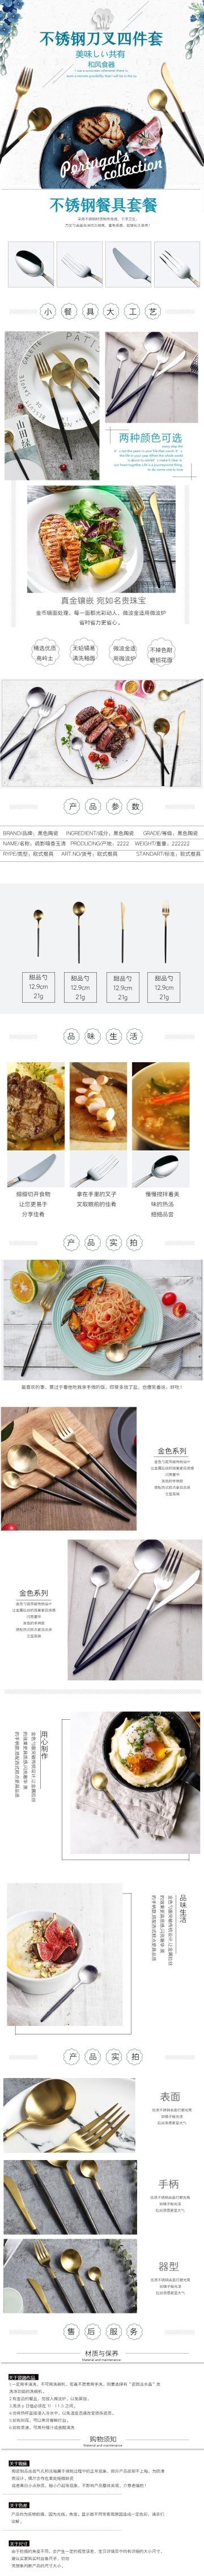 清新简约百货零售家居生活不锈钢餐具促销电商详情页